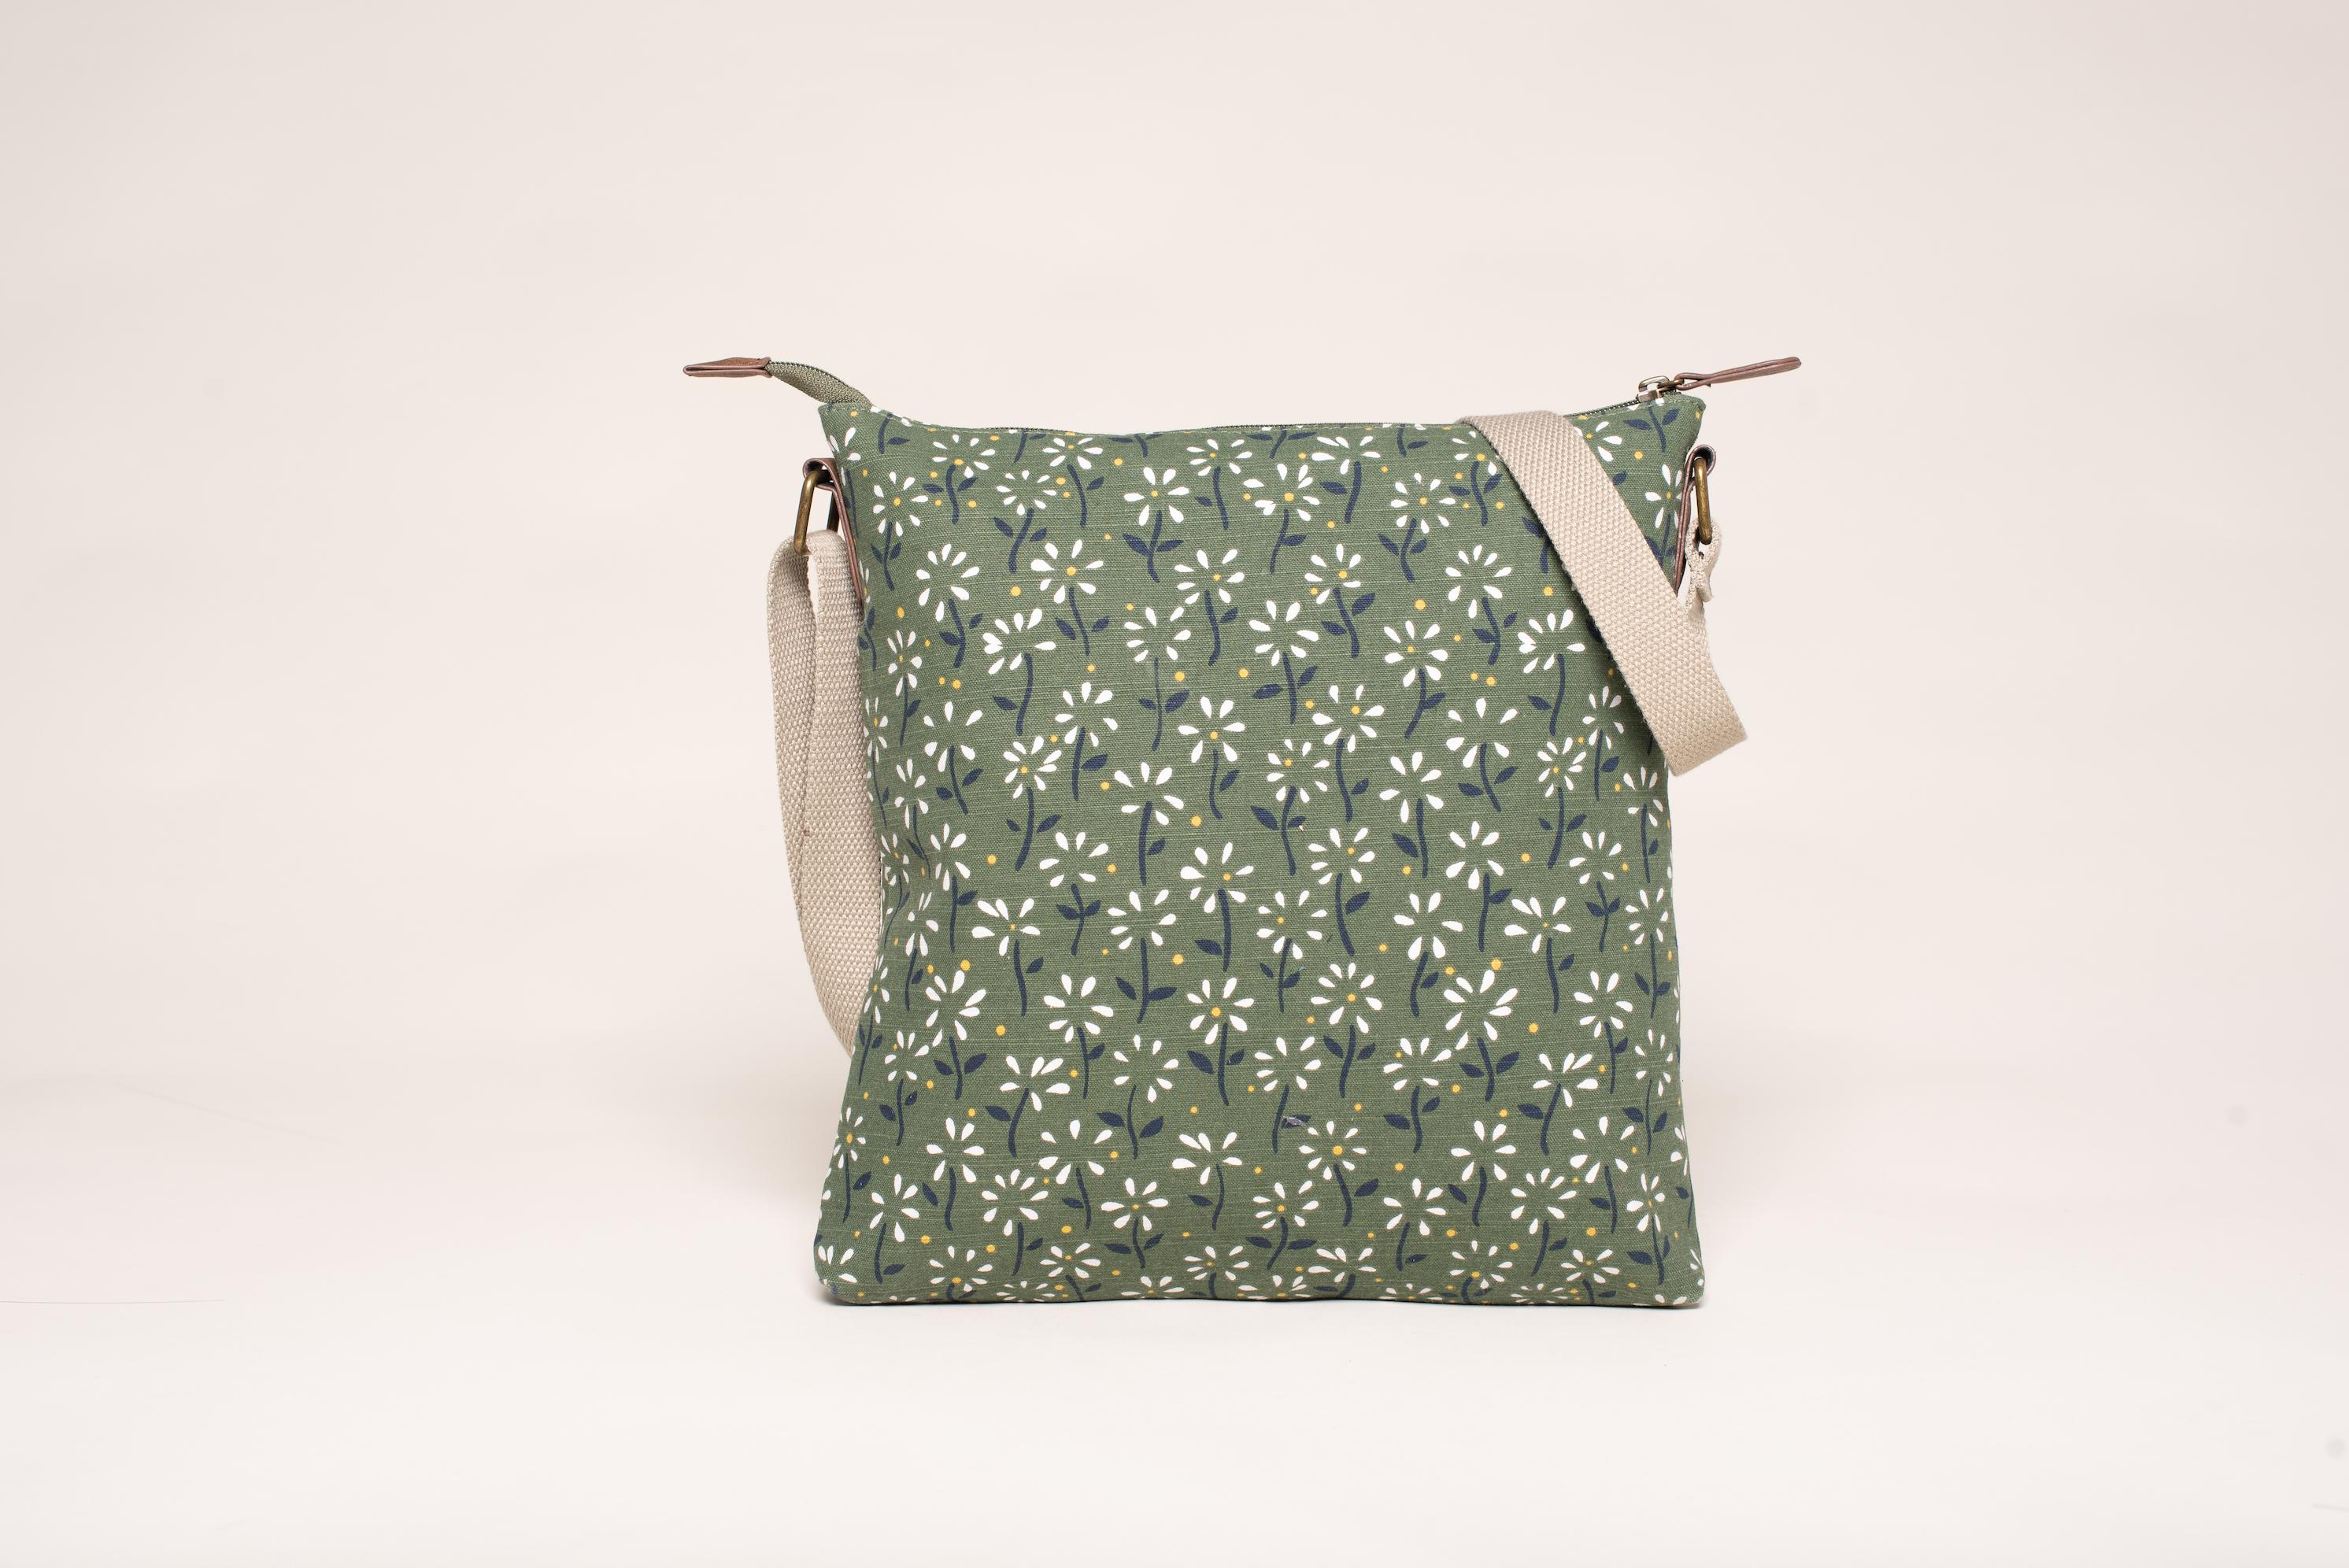 Brakeburn Eden Crossbody Bag